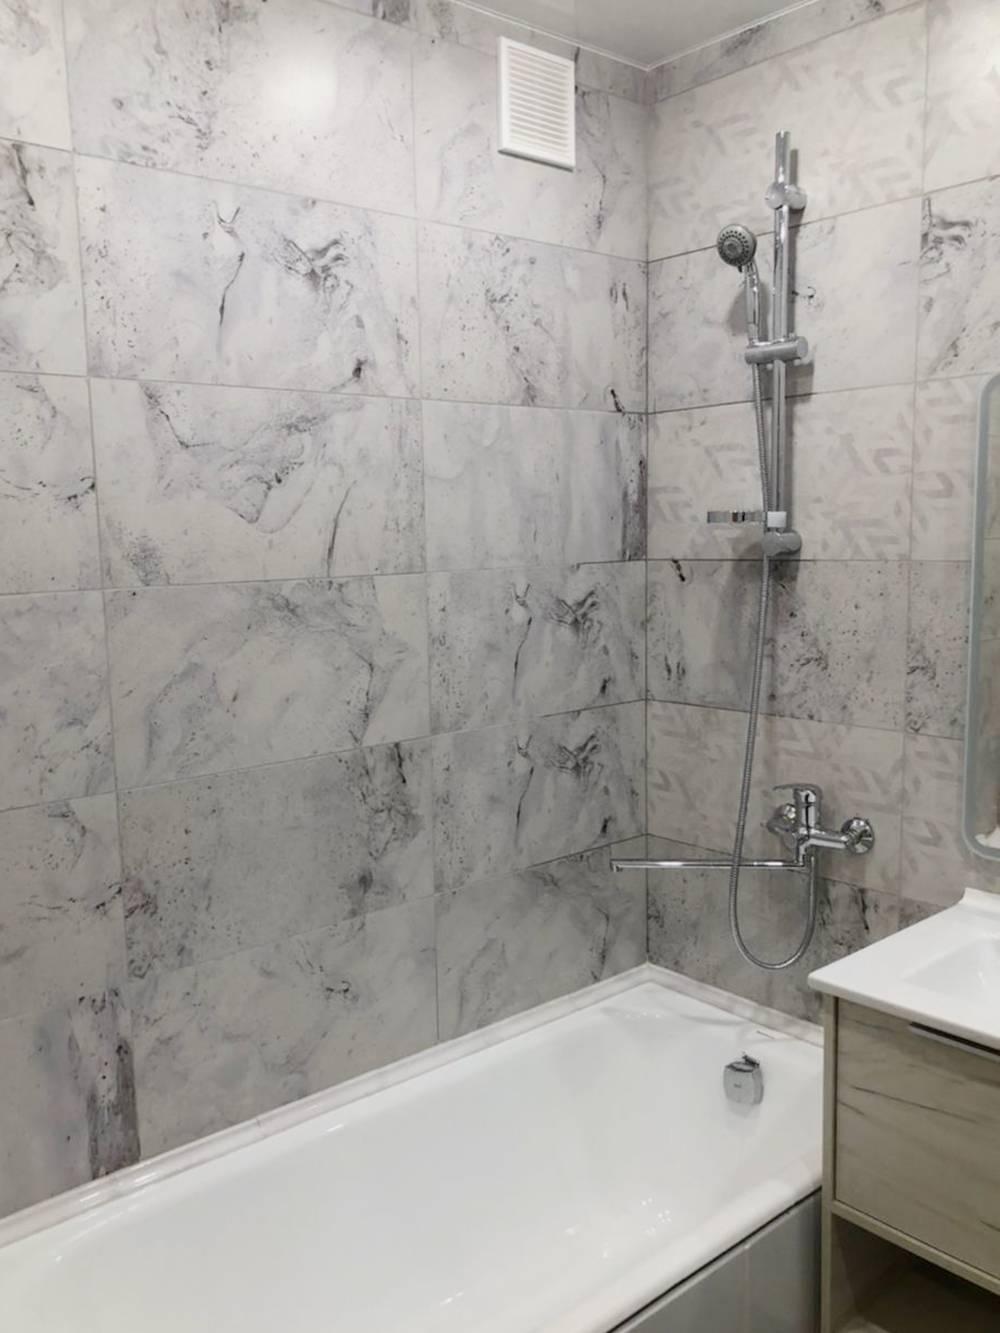 Так сейчас выглядит моя ванна со смесителем и душем. Позже установлю шторку и вешалки